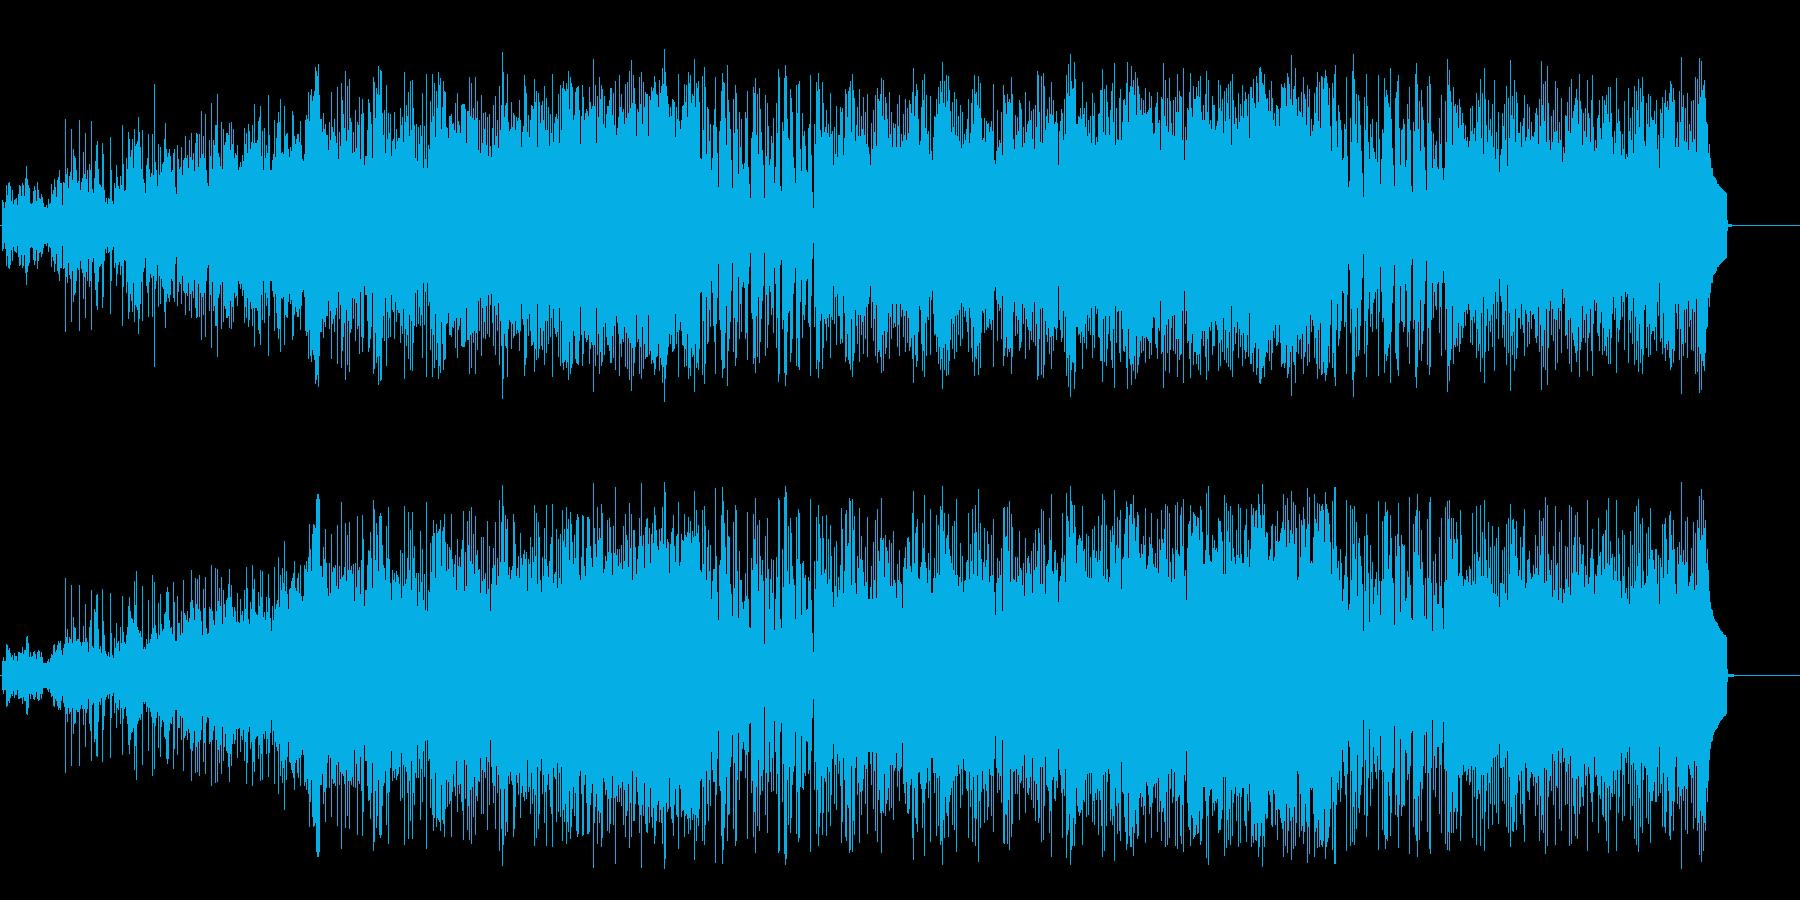 報道向けのシリアルなドキュメントの再生済みの波形